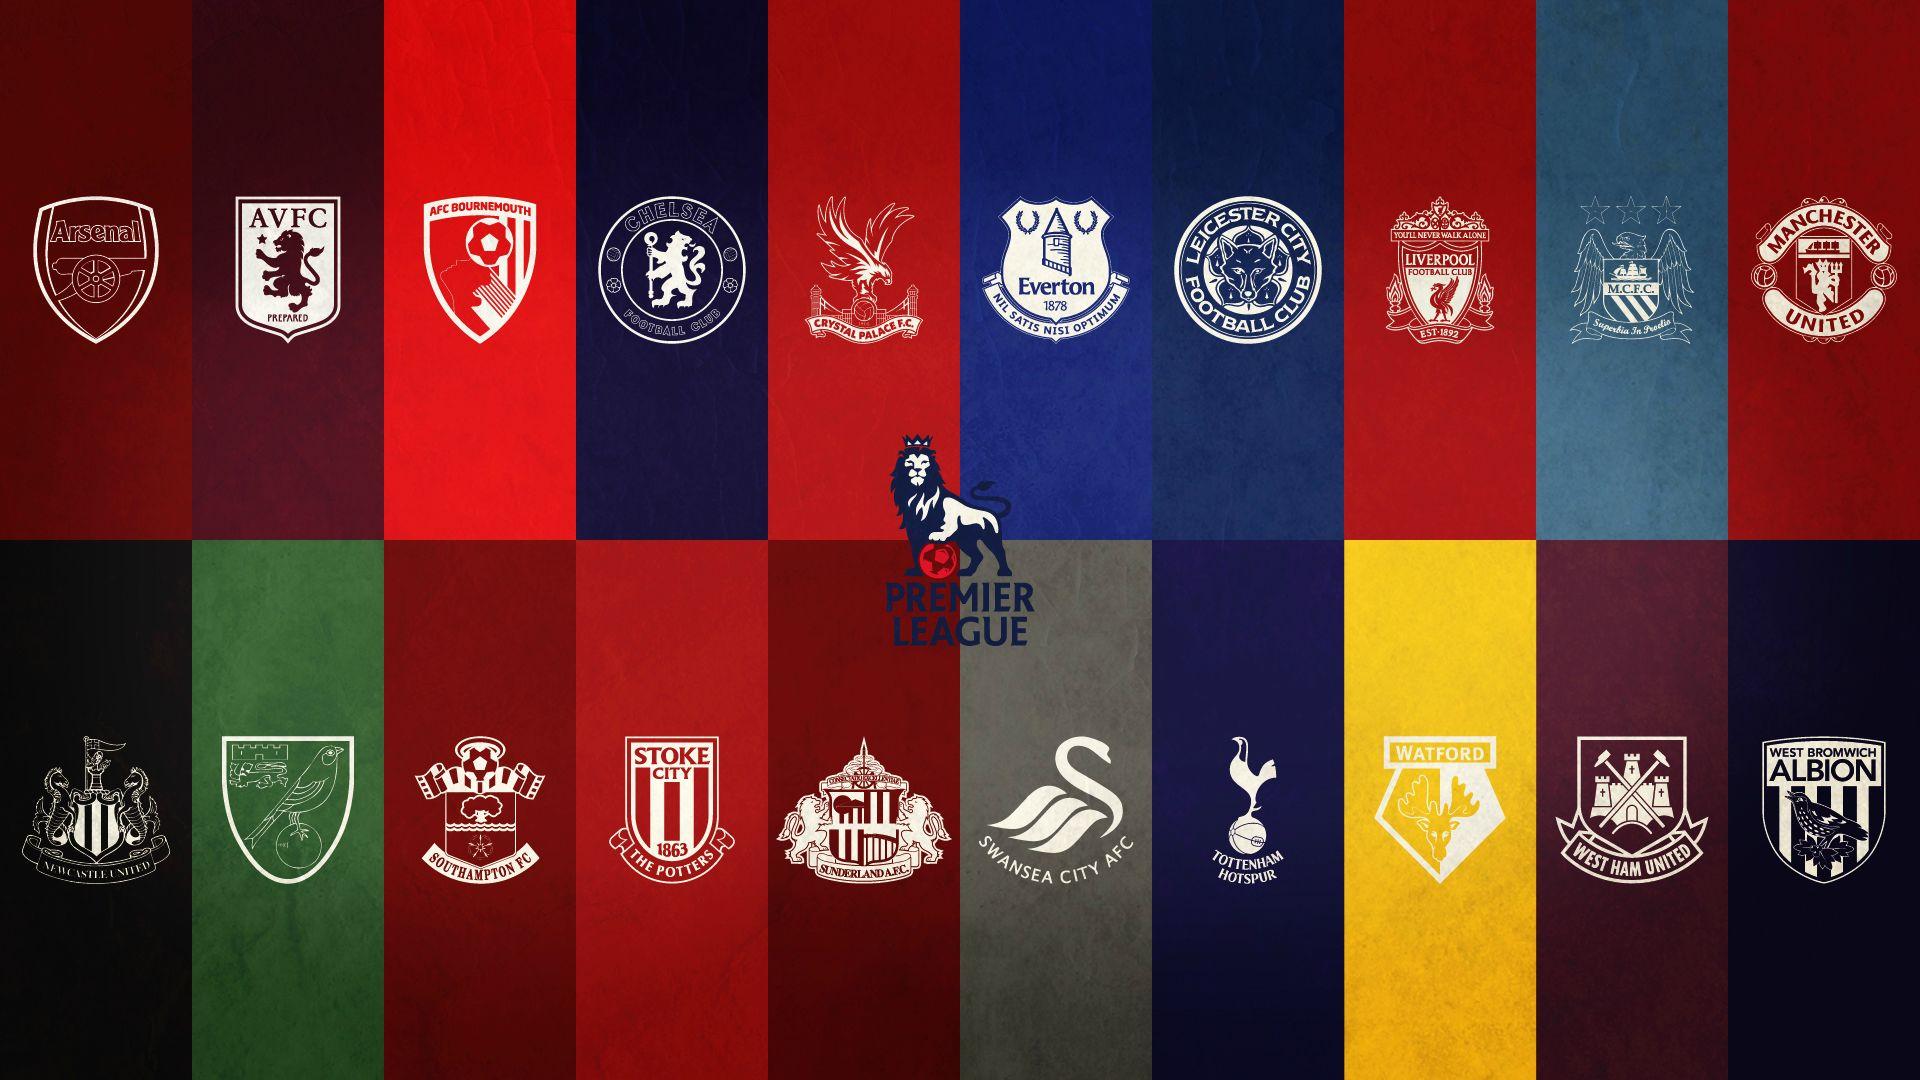 Premier league monochrome wallpaper by jbernardino on for Art premier